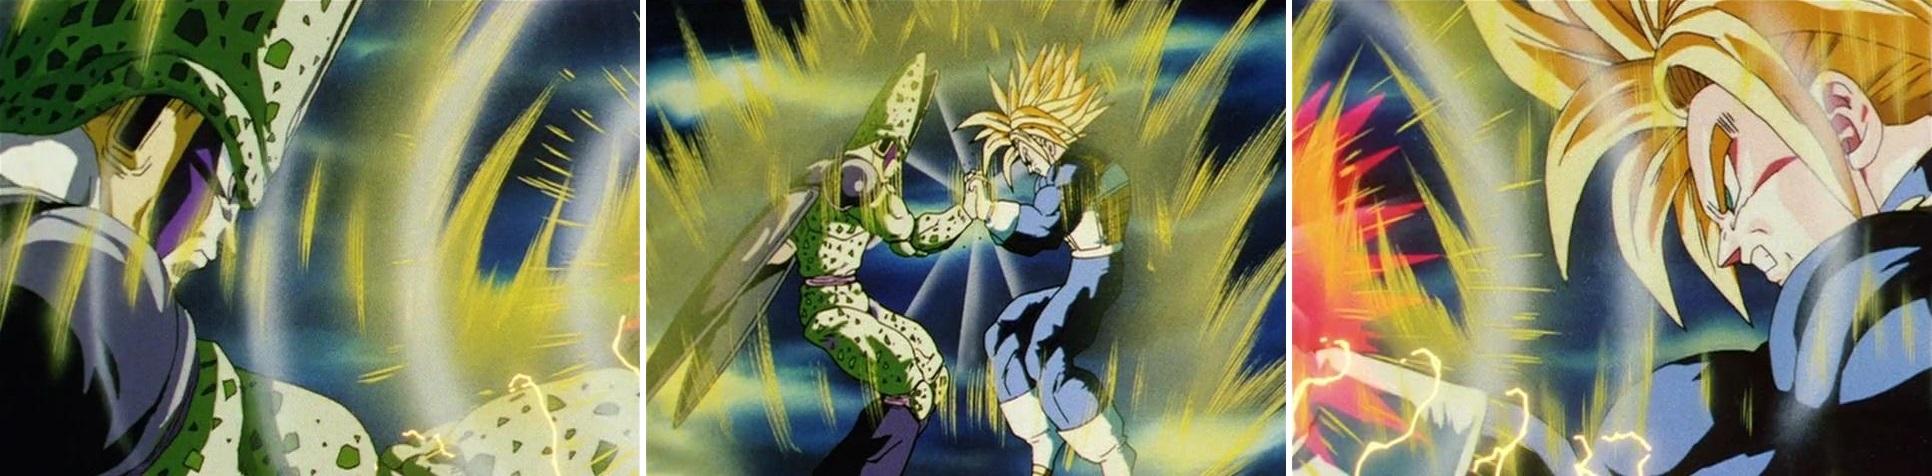 Le bras de fer entre Cell et Trunks, dessiné par Satō en tant qu'animateur clé sur l'épisode 164